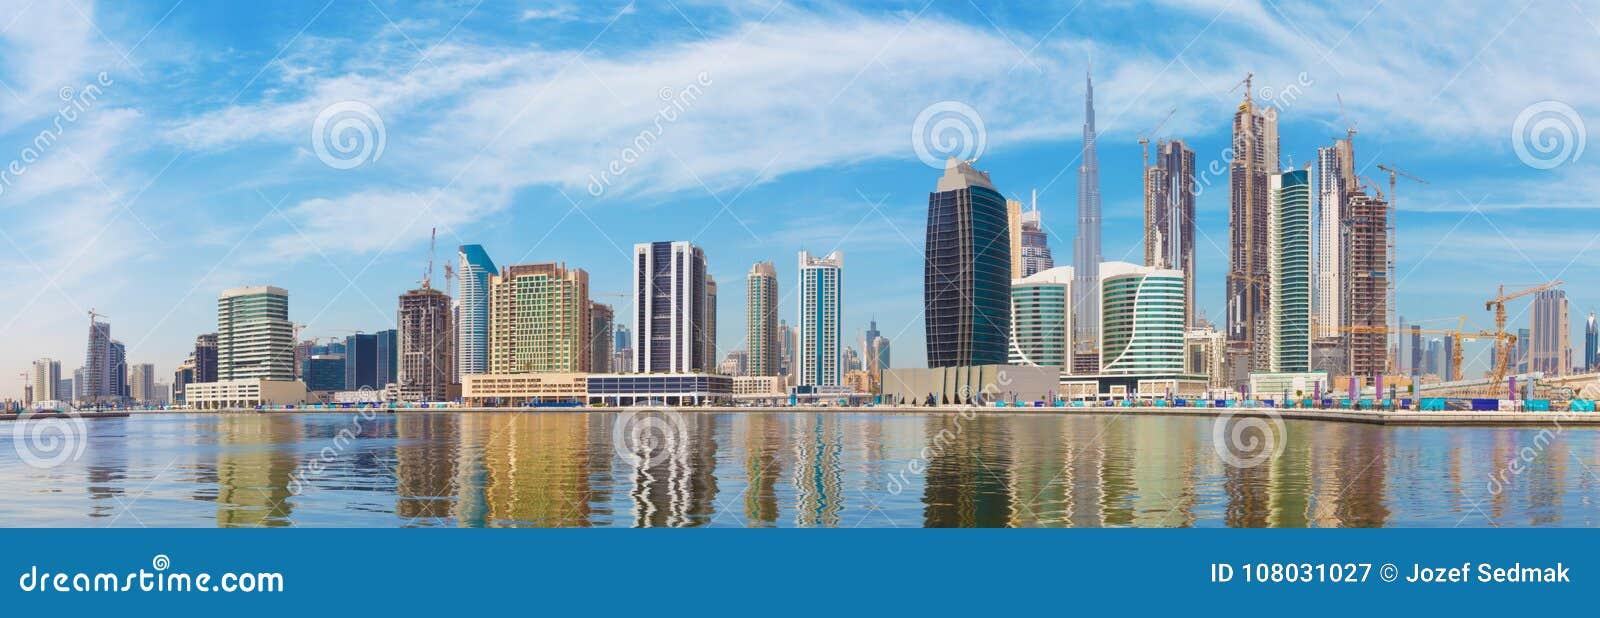 Dubai - das Panorama mit dem neuen Kanal und den Wolkenkratzern des Stadtzentrums